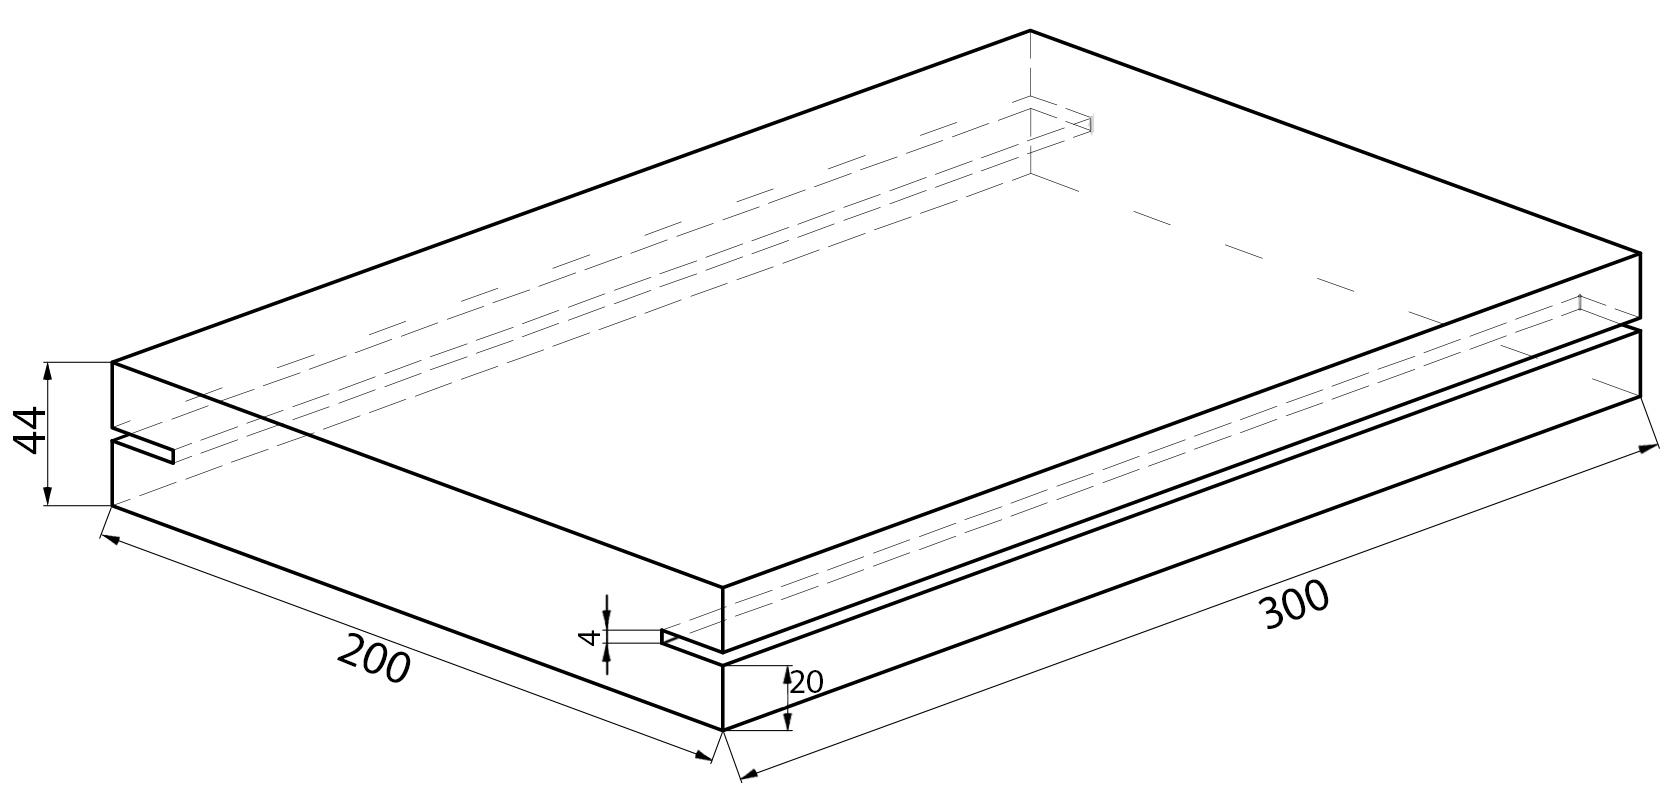 чертеж футеровочной резиновой плиты на скруббер бутару